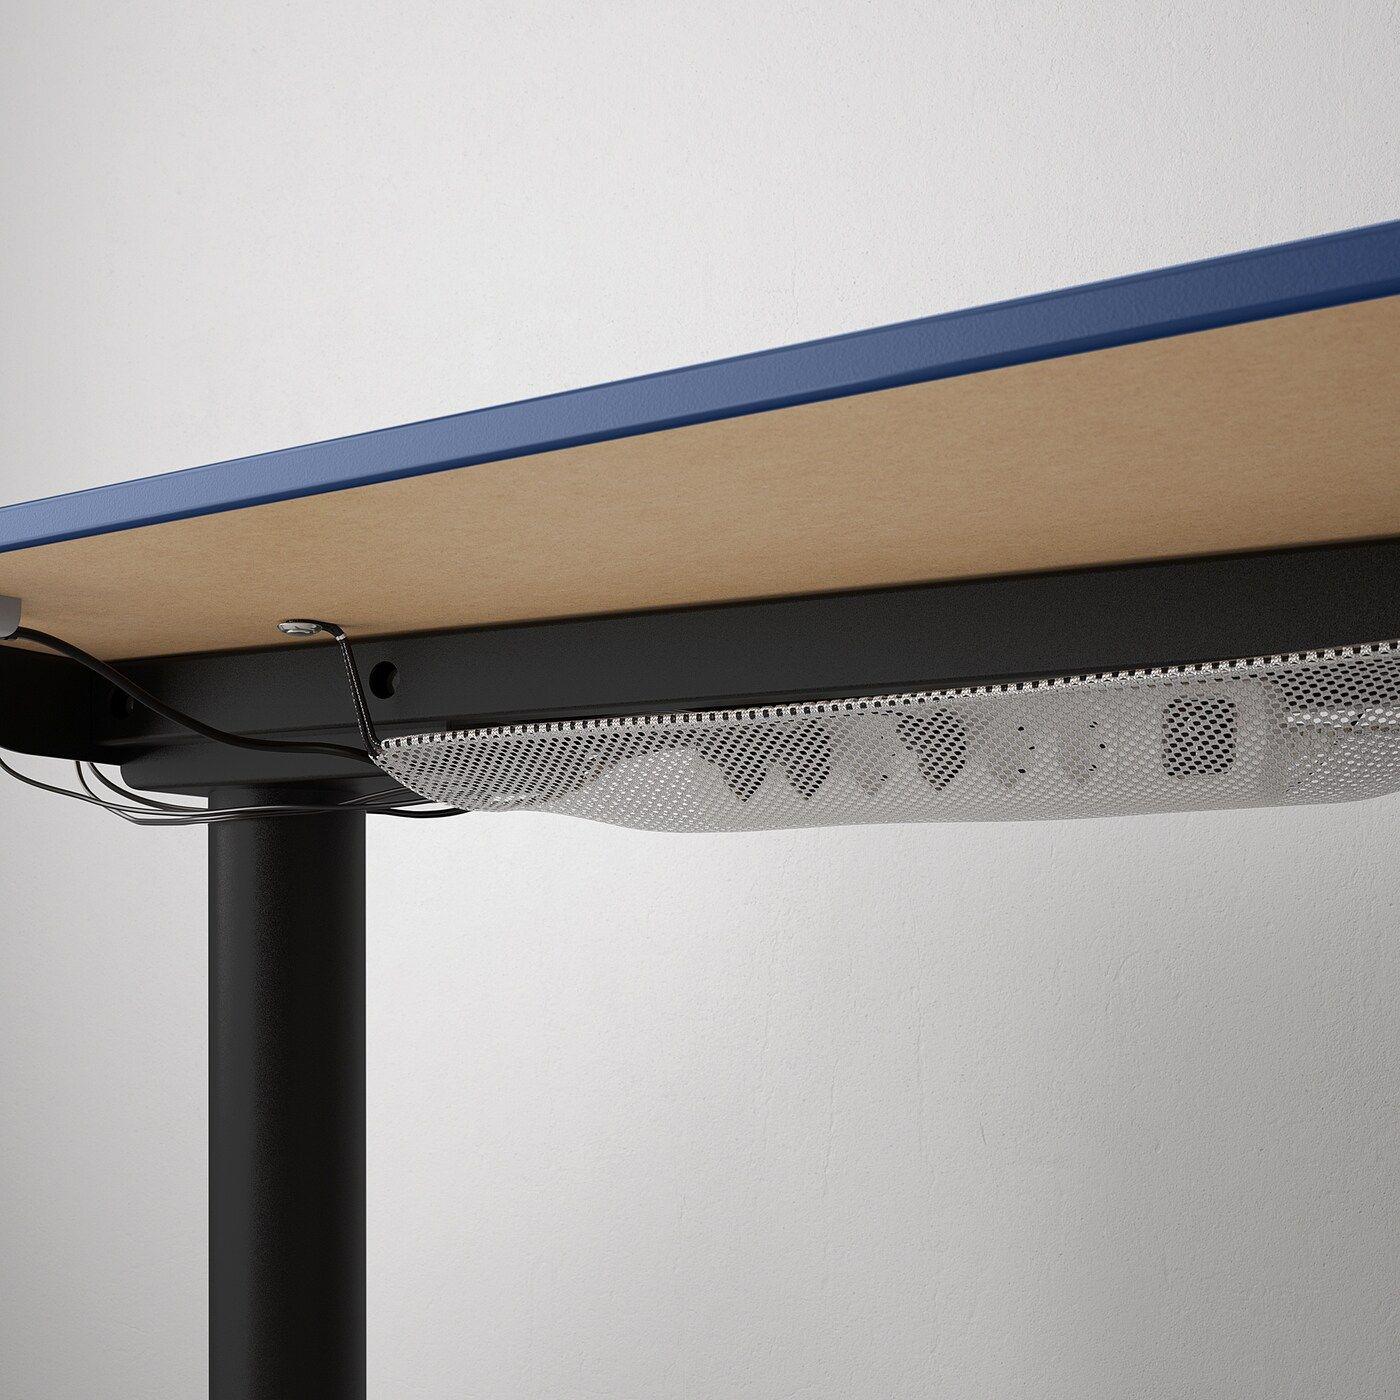 Bekant Ecktisch Rechts Sitz Steh Linoleum Blau Schwarz In 2020 Ecktisch Ikea Ecktisch Und Aufgeraumter Schreibtisch